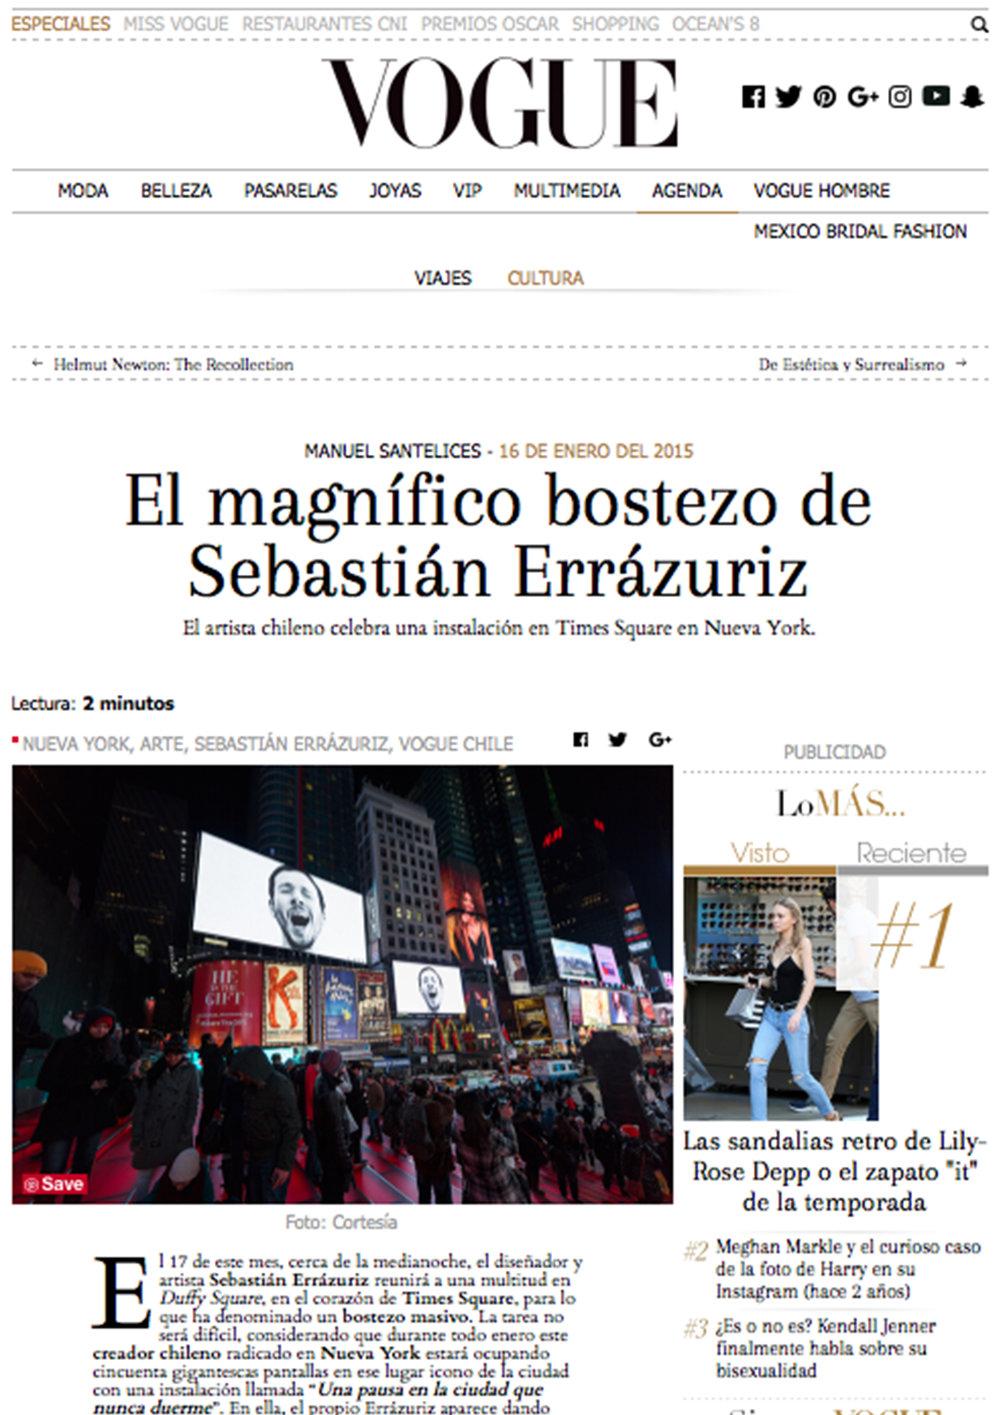 Vogue Mexico 2015.jpg